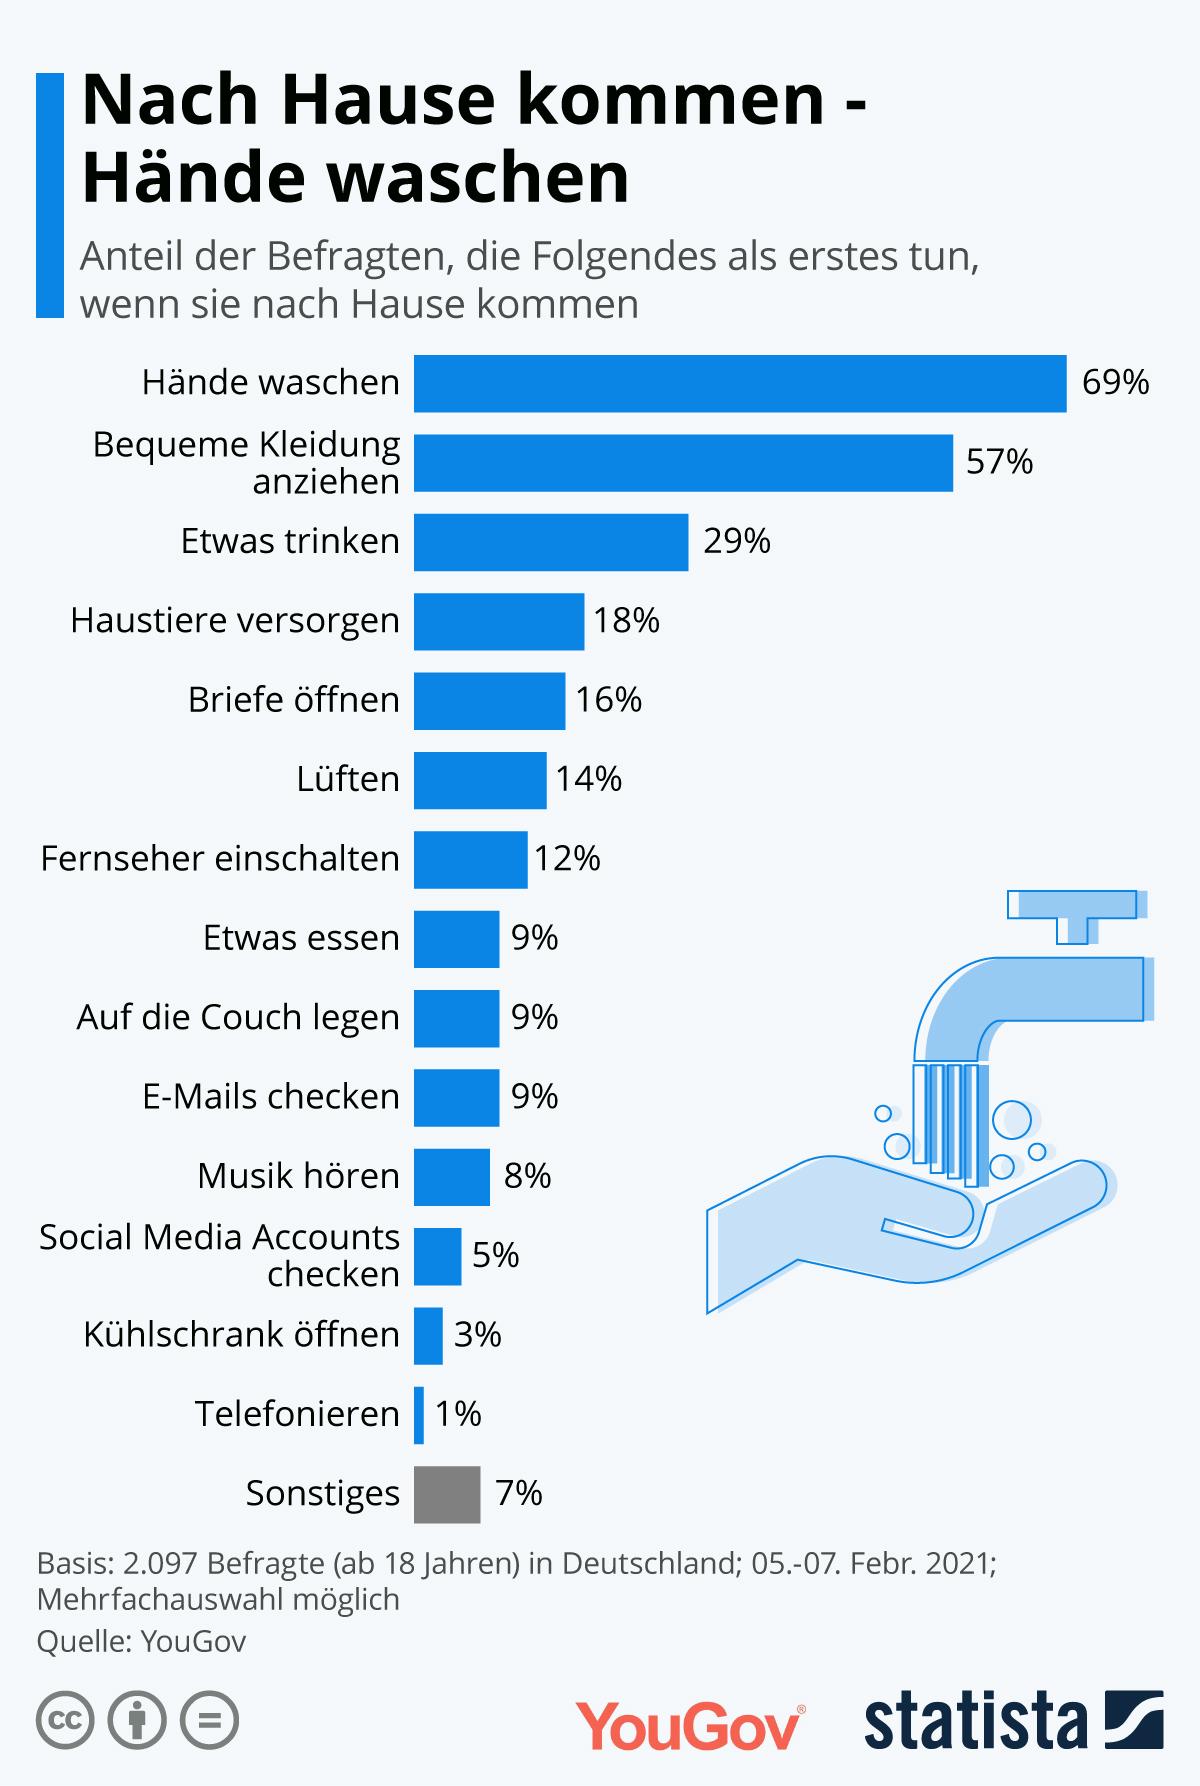 Nach Hause kommen - Hände waschen